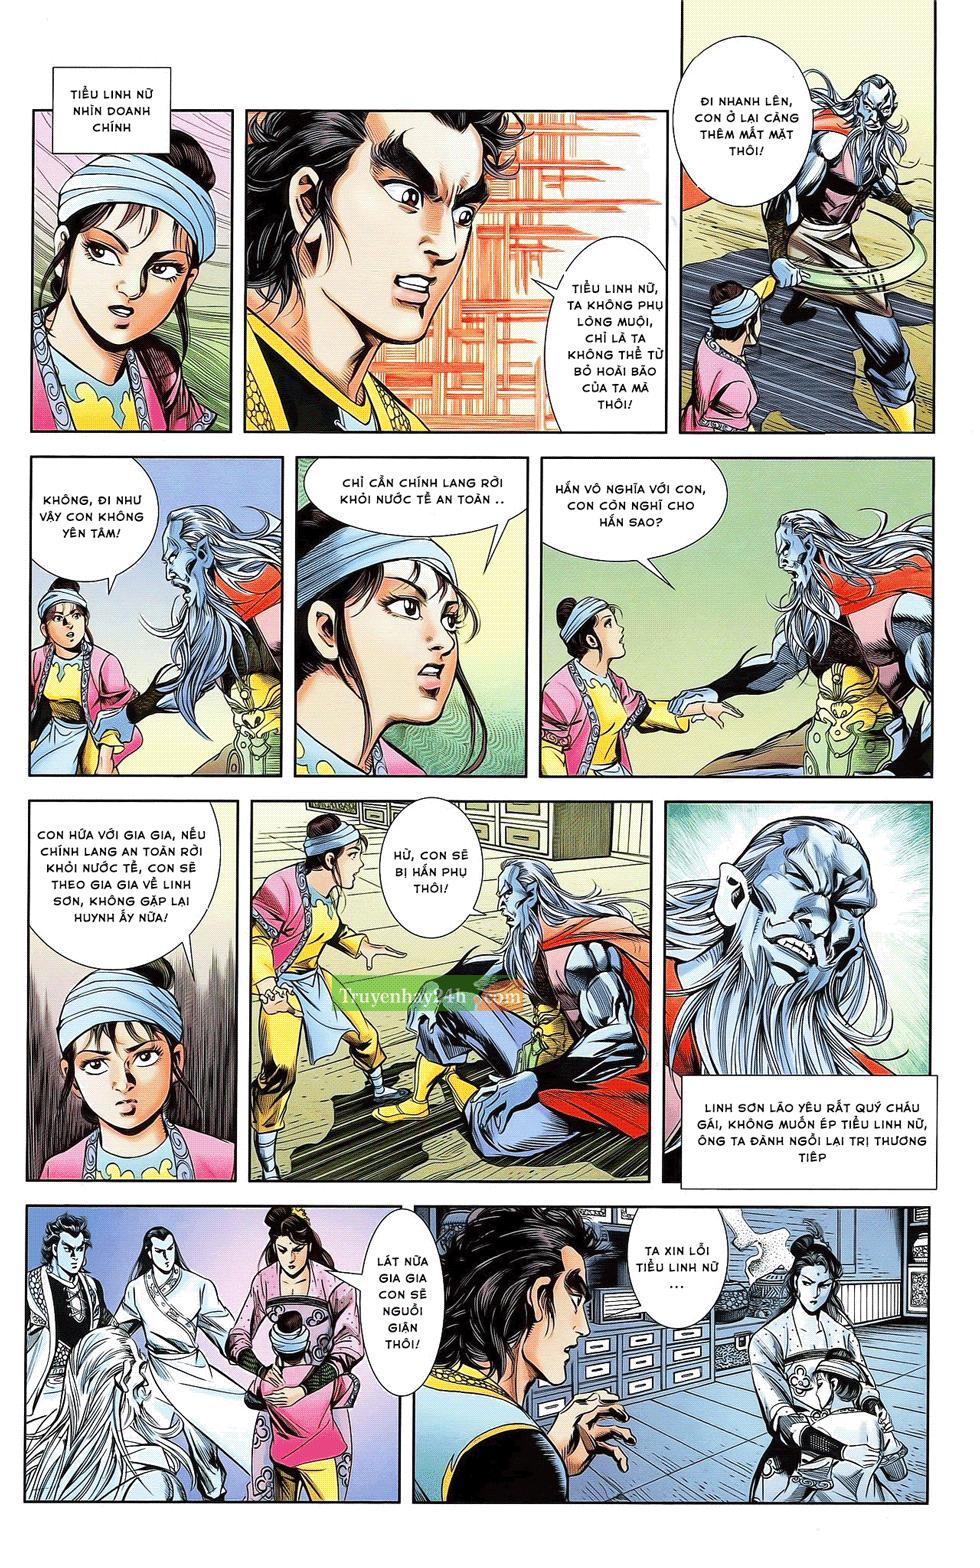 Tần Vương Doanh Chính chapter 21 trang 24